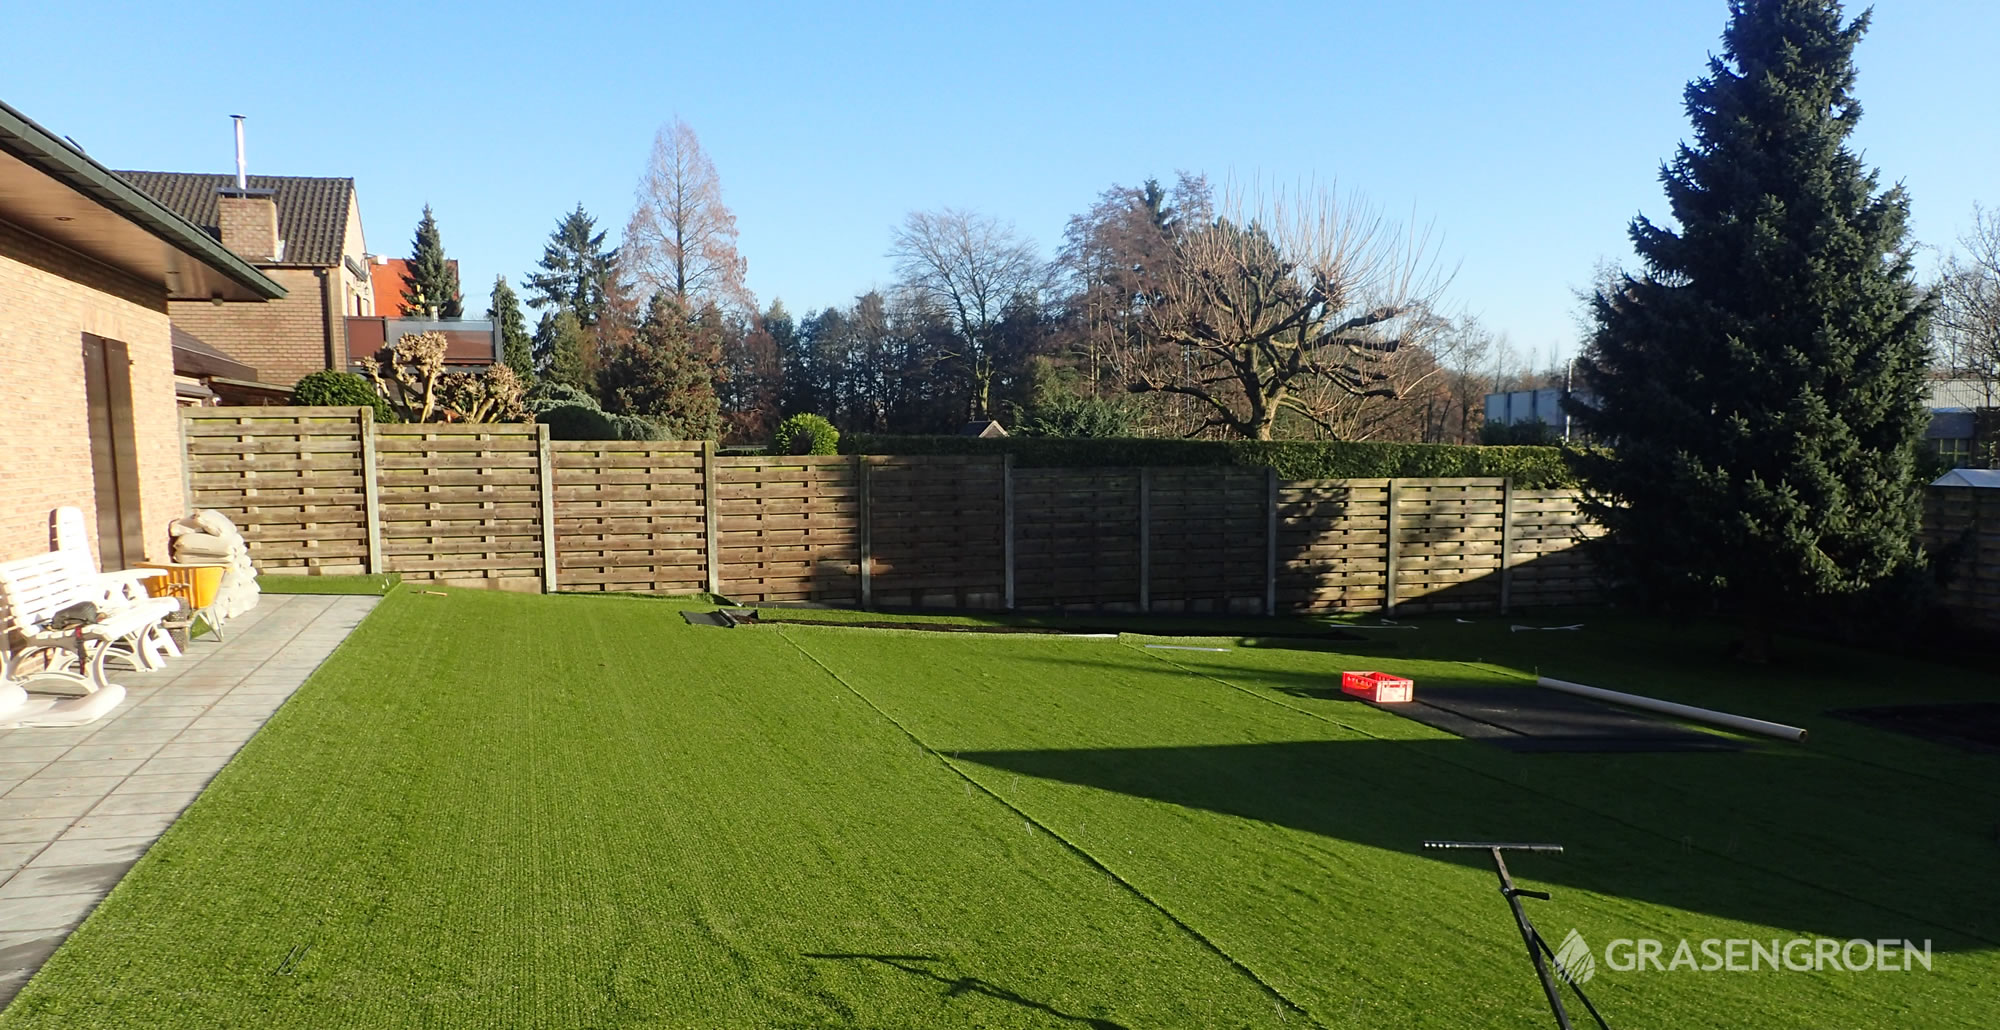 Kunstgrasleggenwuustwezel16 • Gras en Groen Kunstgras